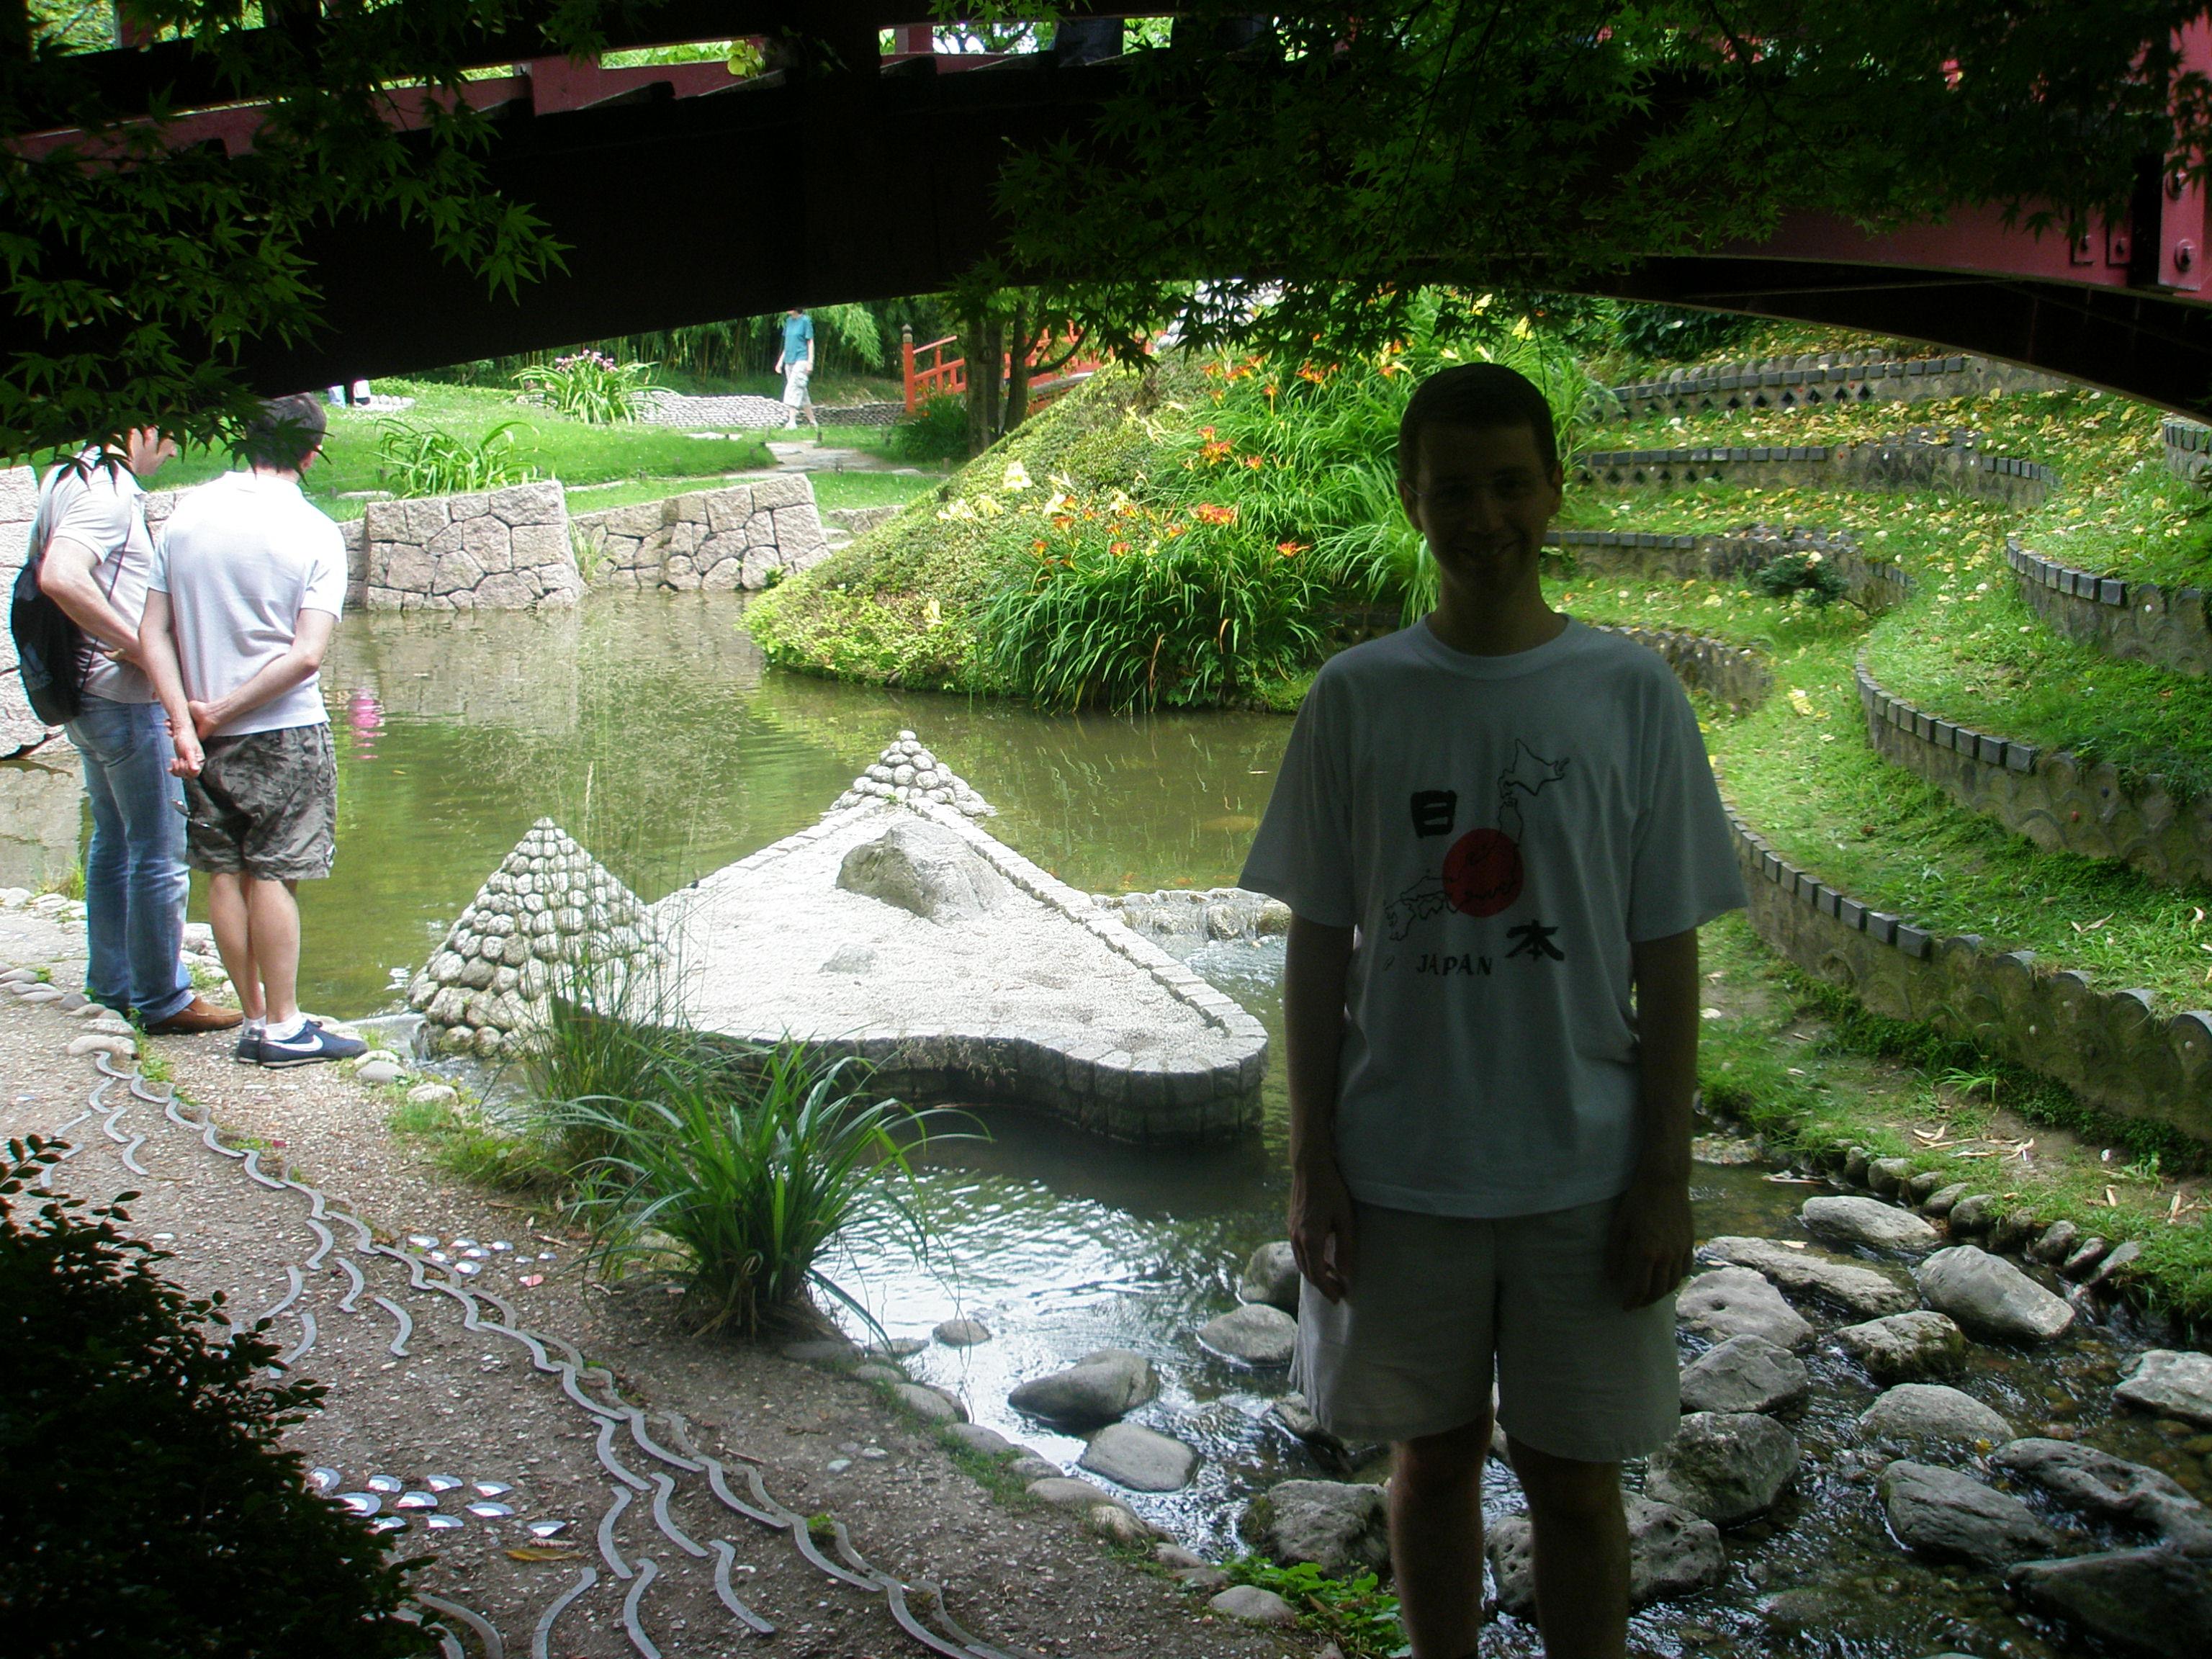 Le jardin japonais moderne (2ème partie)